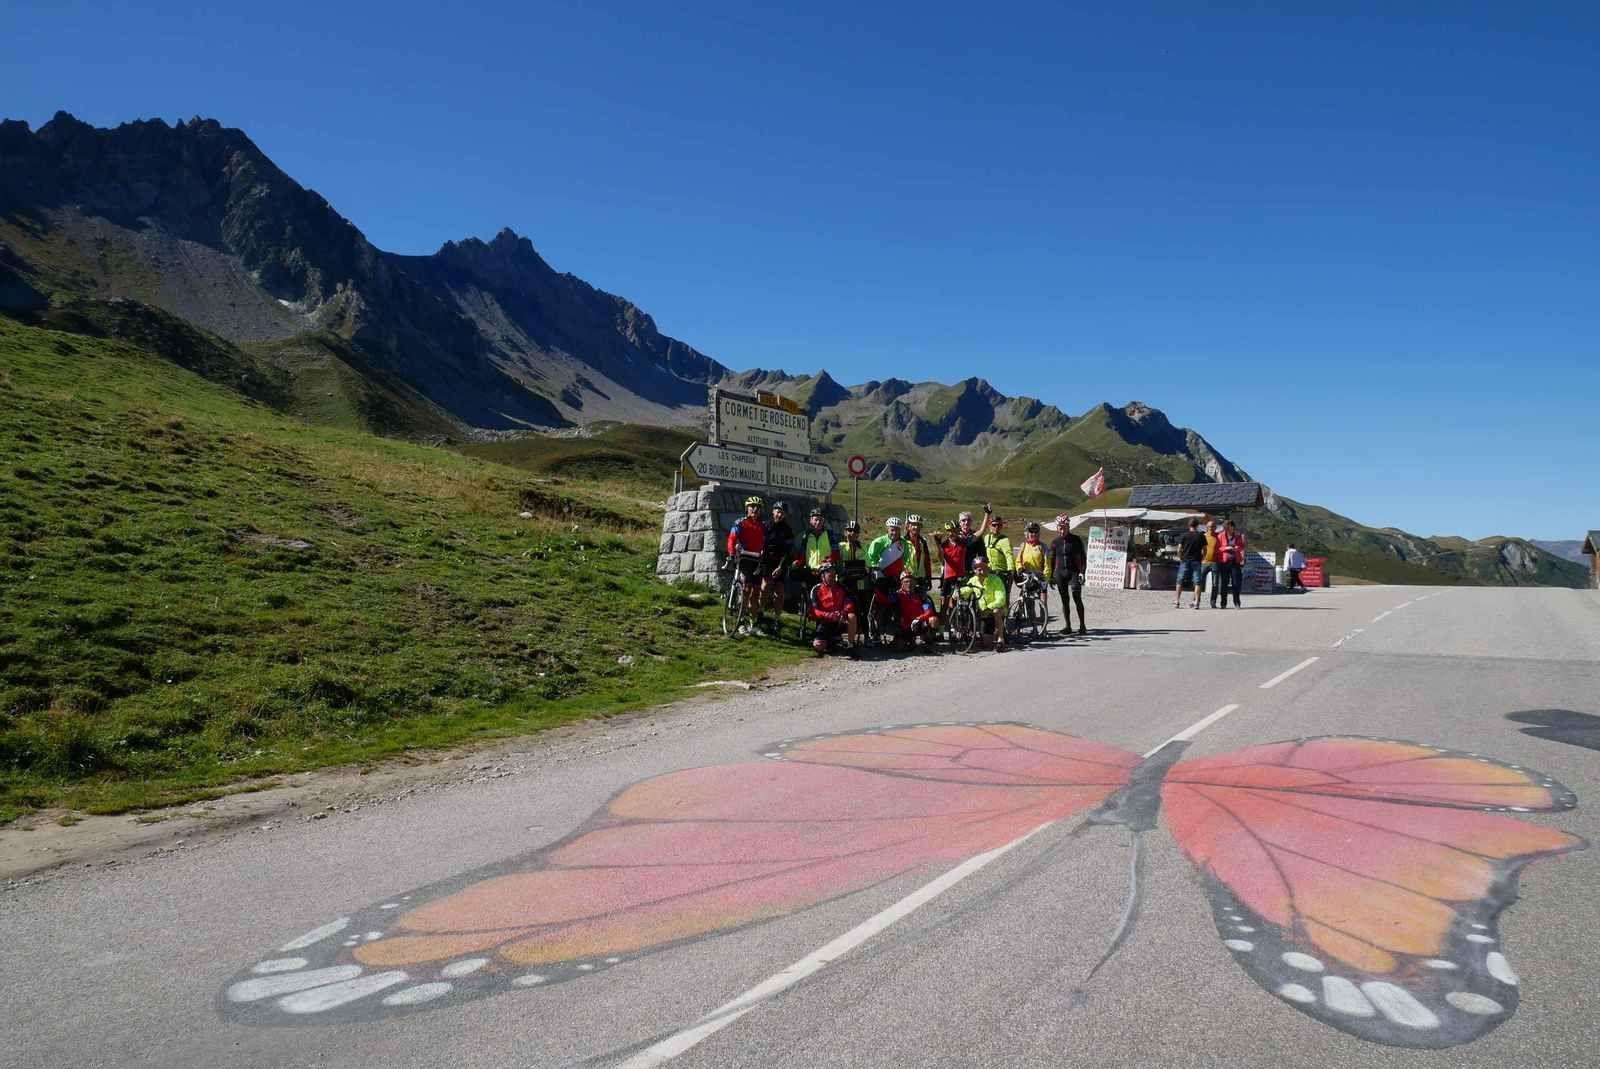 L'équipe au complet au sommet du Cormet de Roselend